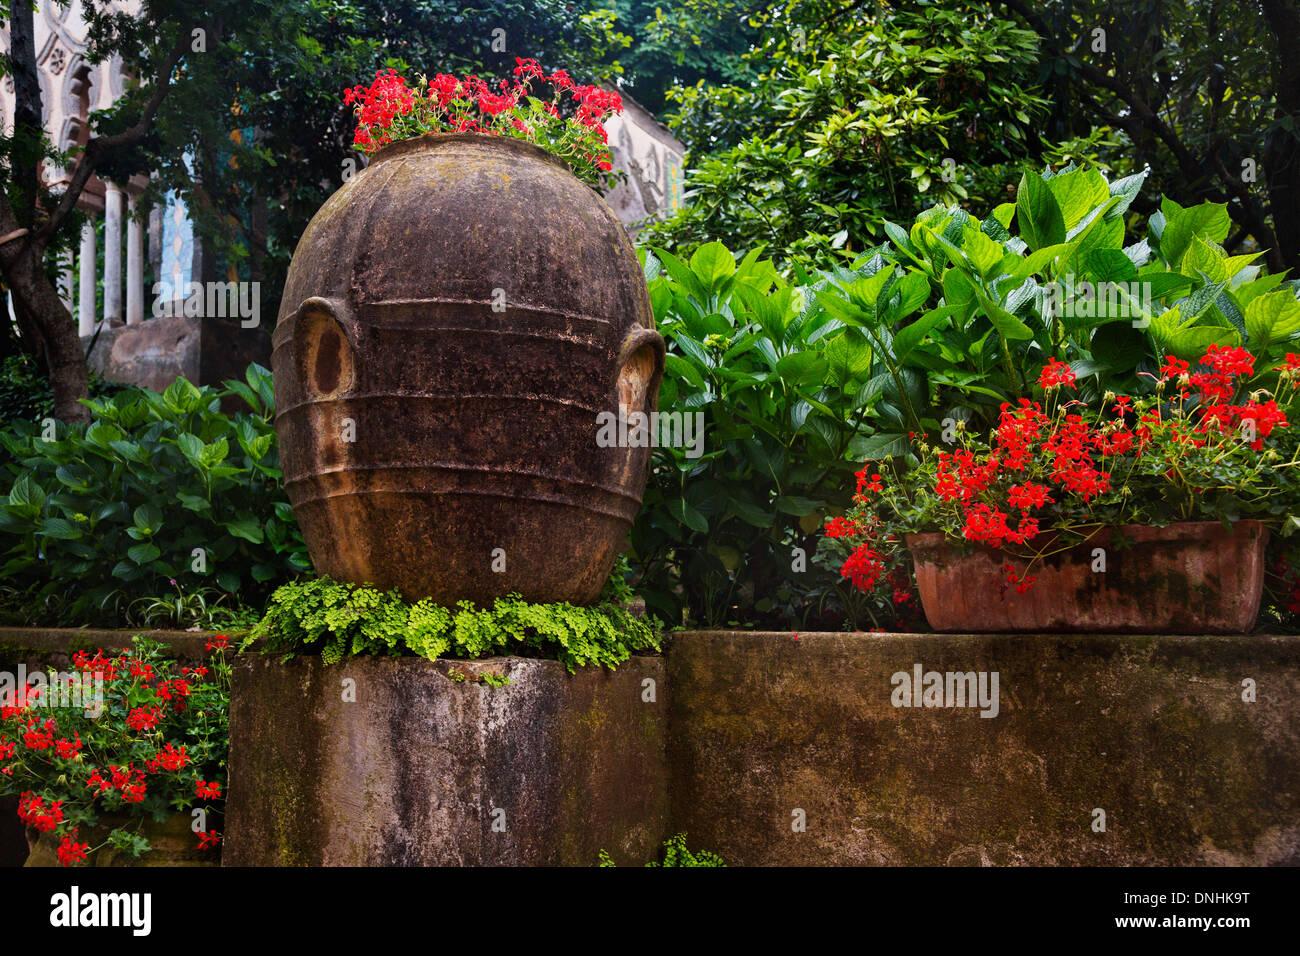 Las plantas en el jardín, Villa Cimbrone, Ravello, provincia de Salerno, Región de Campania, Italia Foto de stock